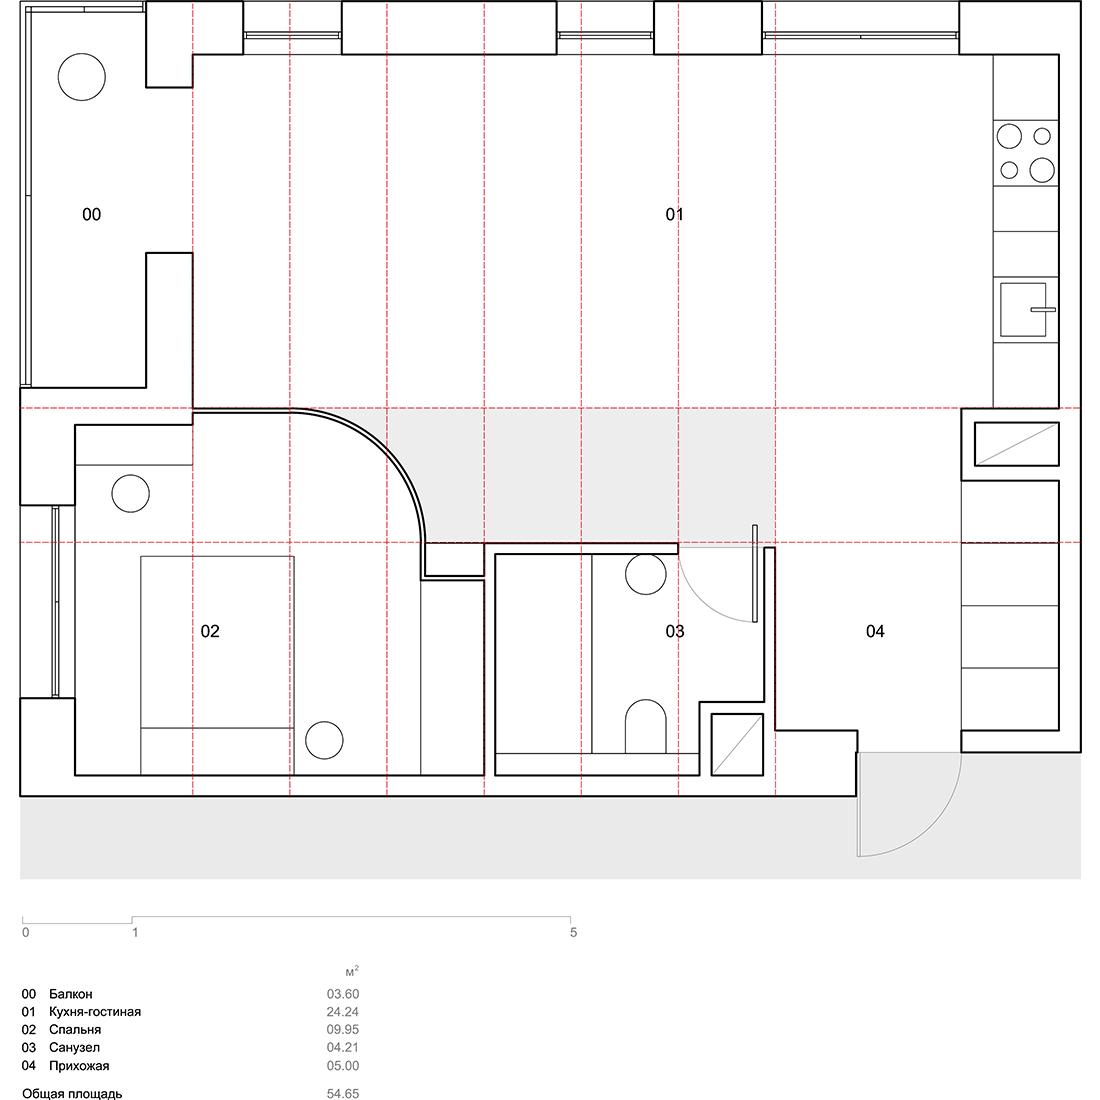 Планировка квартиры 55 кв м фото